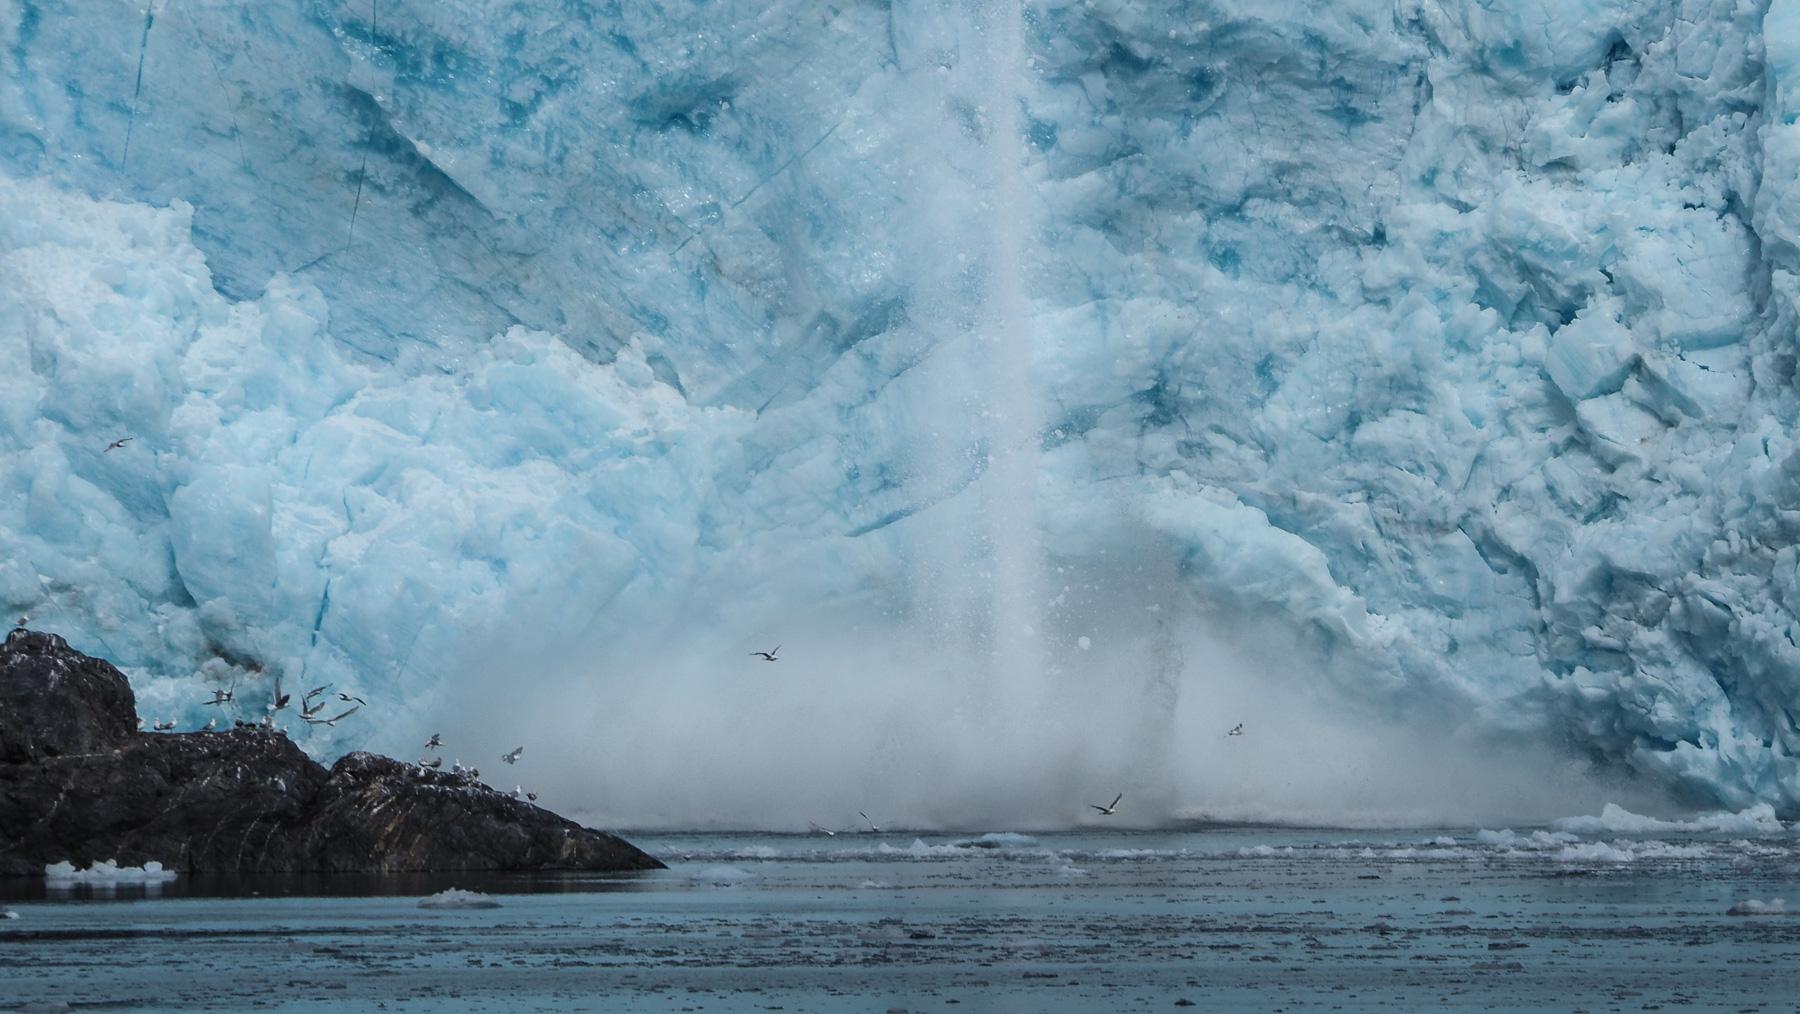 immer wieder bricht Eis ab und stürzt ins Meer